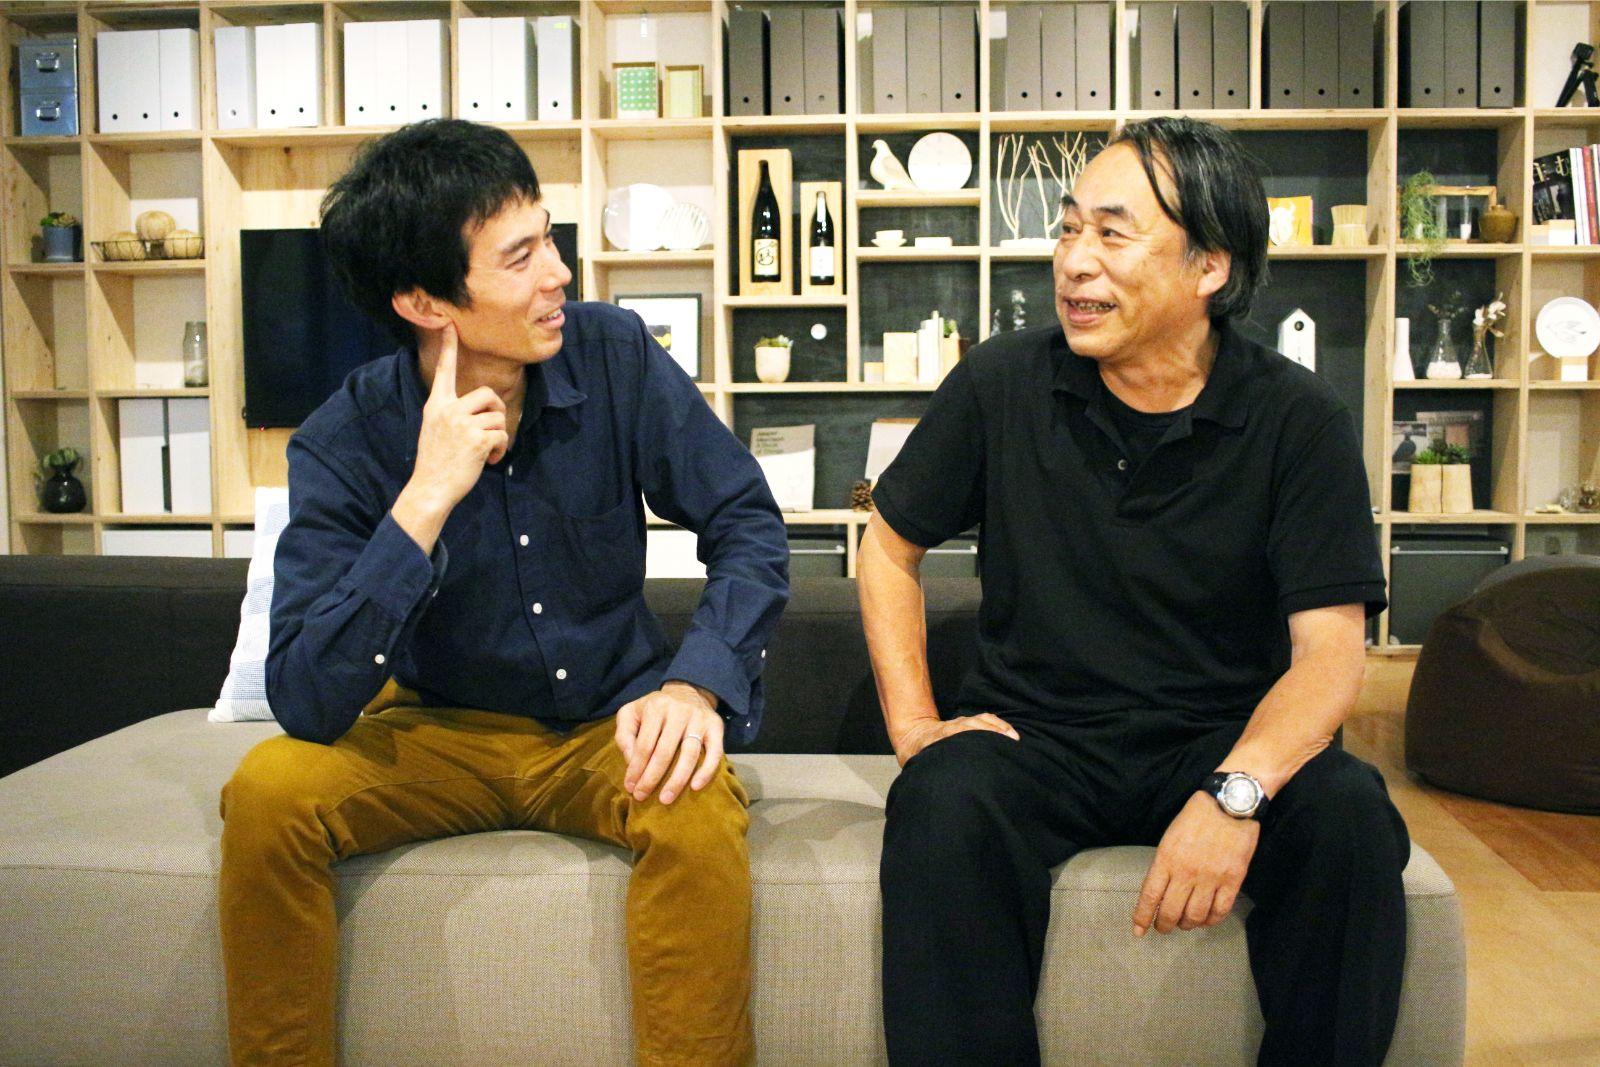 光が丘ゆりの木北自治会長の田中奨さん(右)と佐藤一成さん(左)。「昨日も一緒にランチをしたんですよ(笑)」と佐藤さん